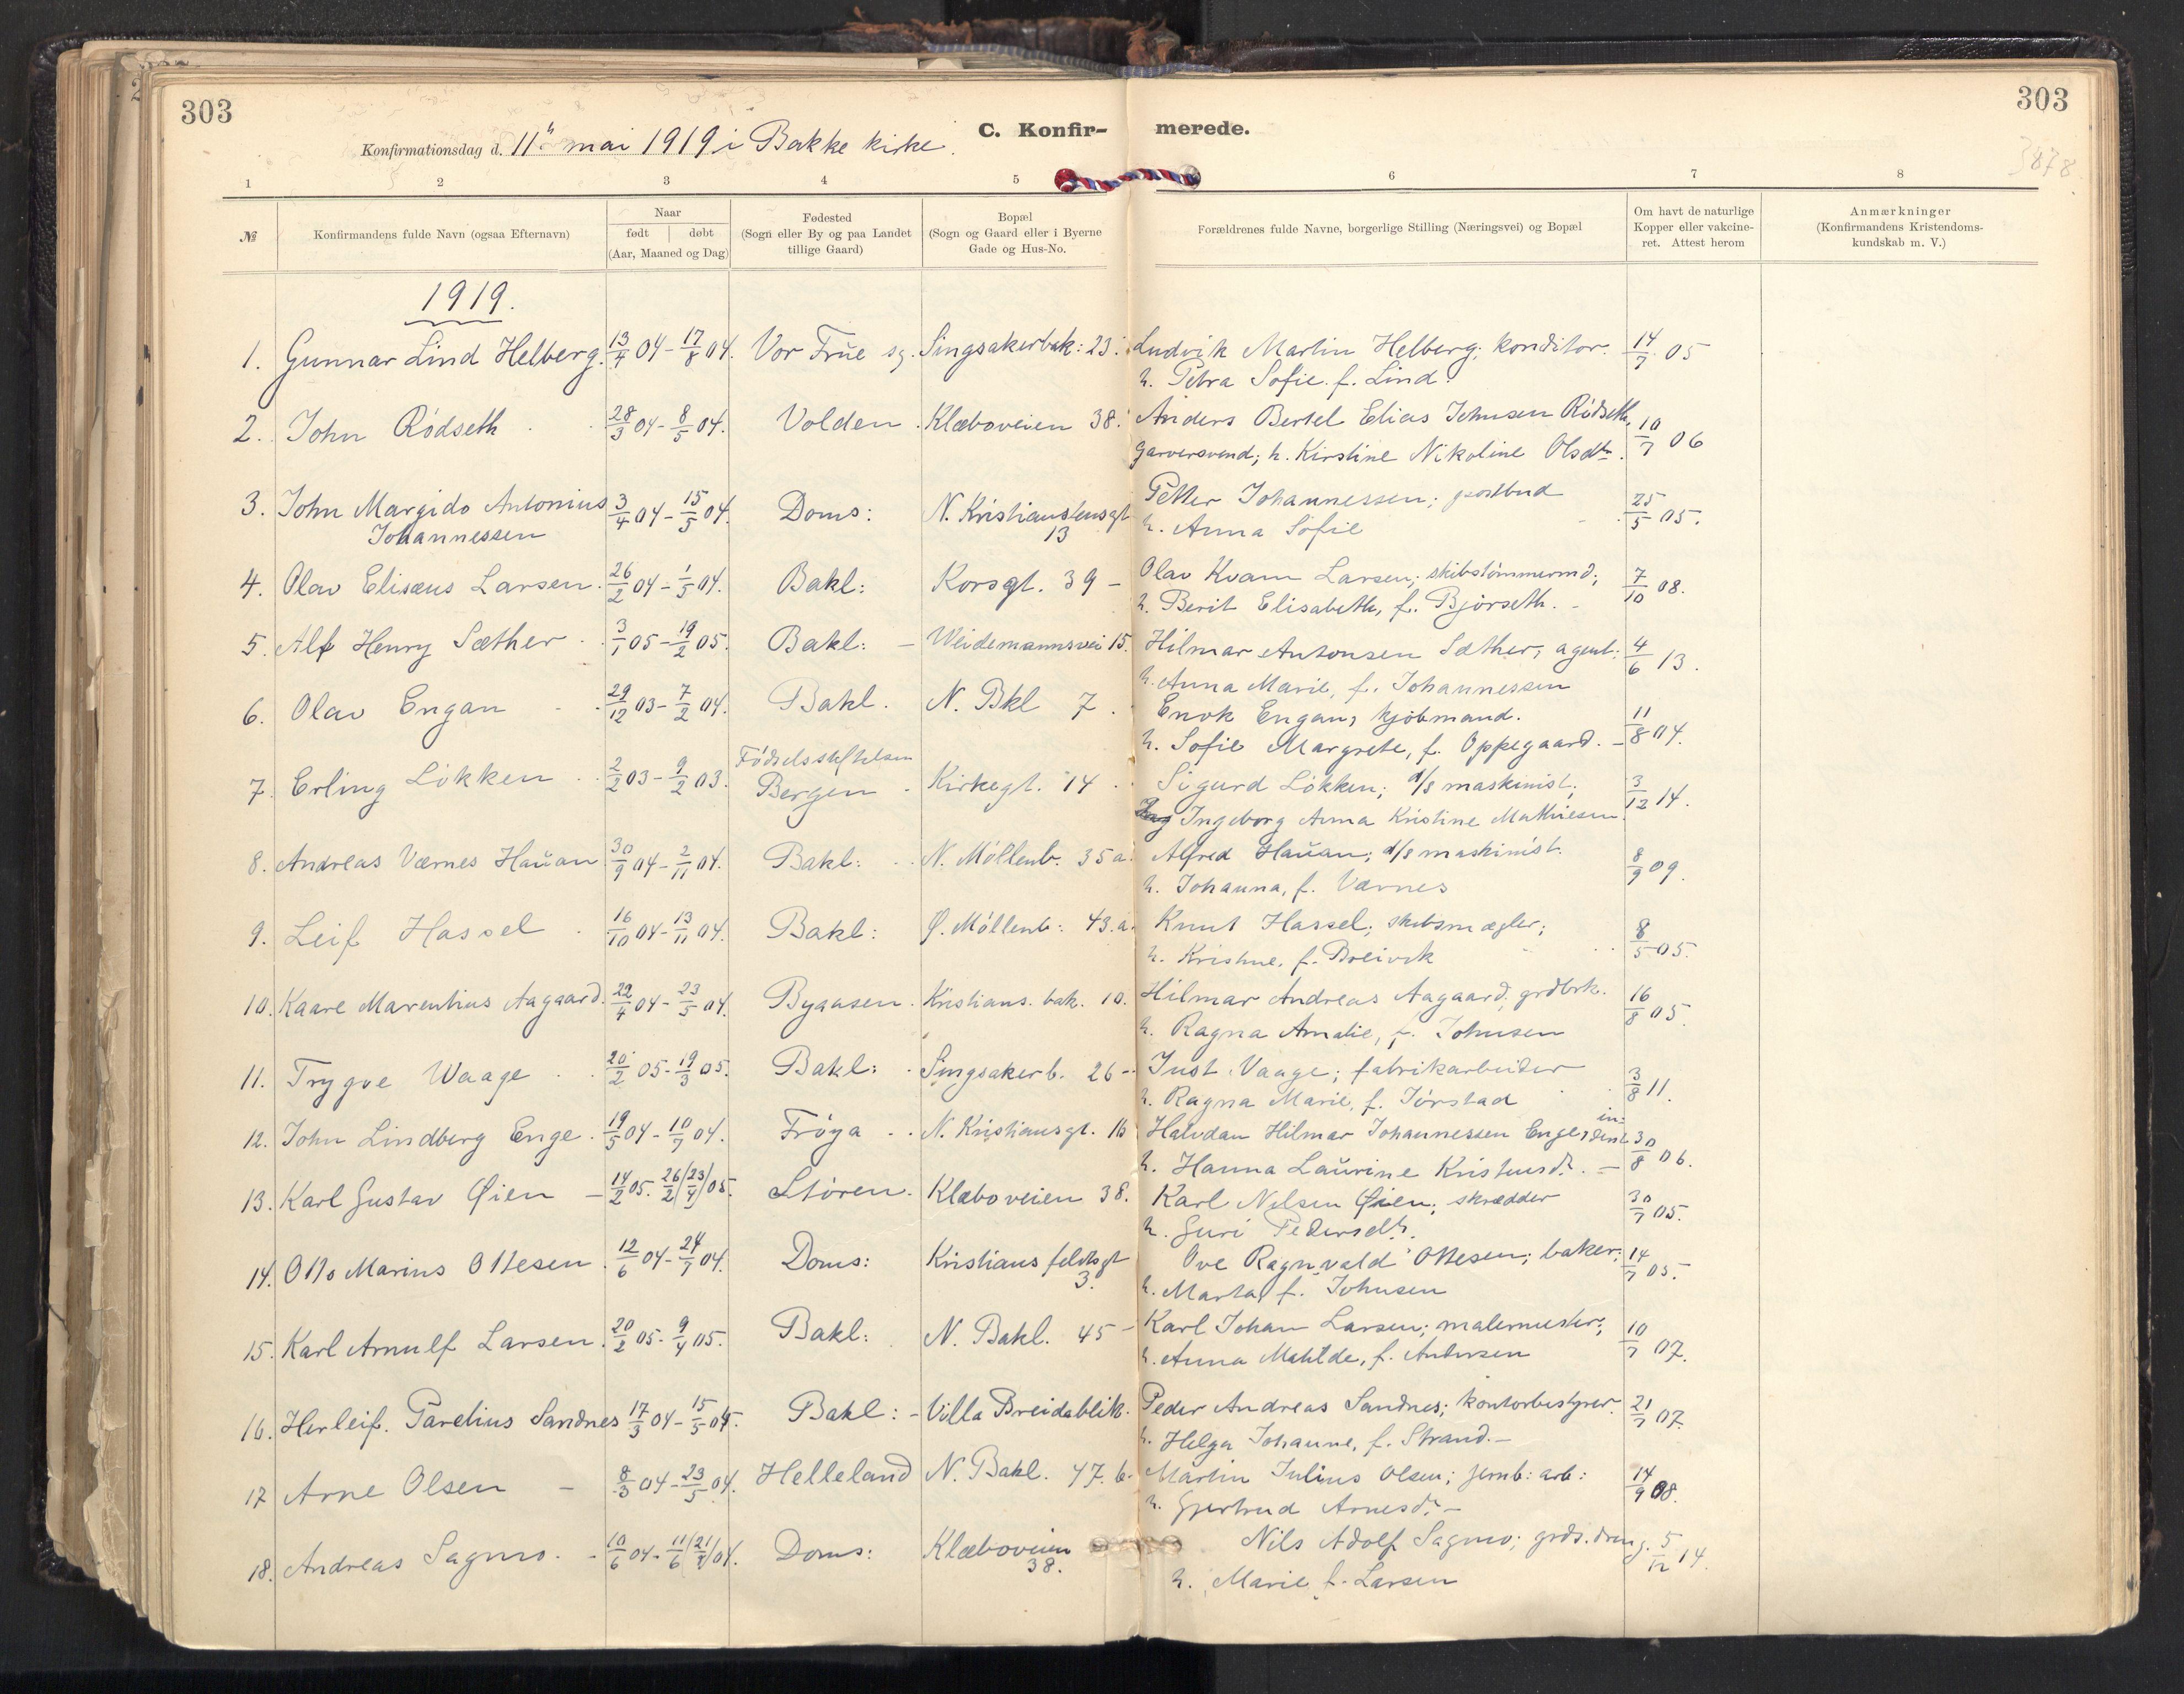 SAT, Ministerialprotokoller, klokkerbøker og fødselsregistre - Sør-Trøndelag, 604/L0205: Ministerialbok nr. 604A25, 1917-1932, s. 303